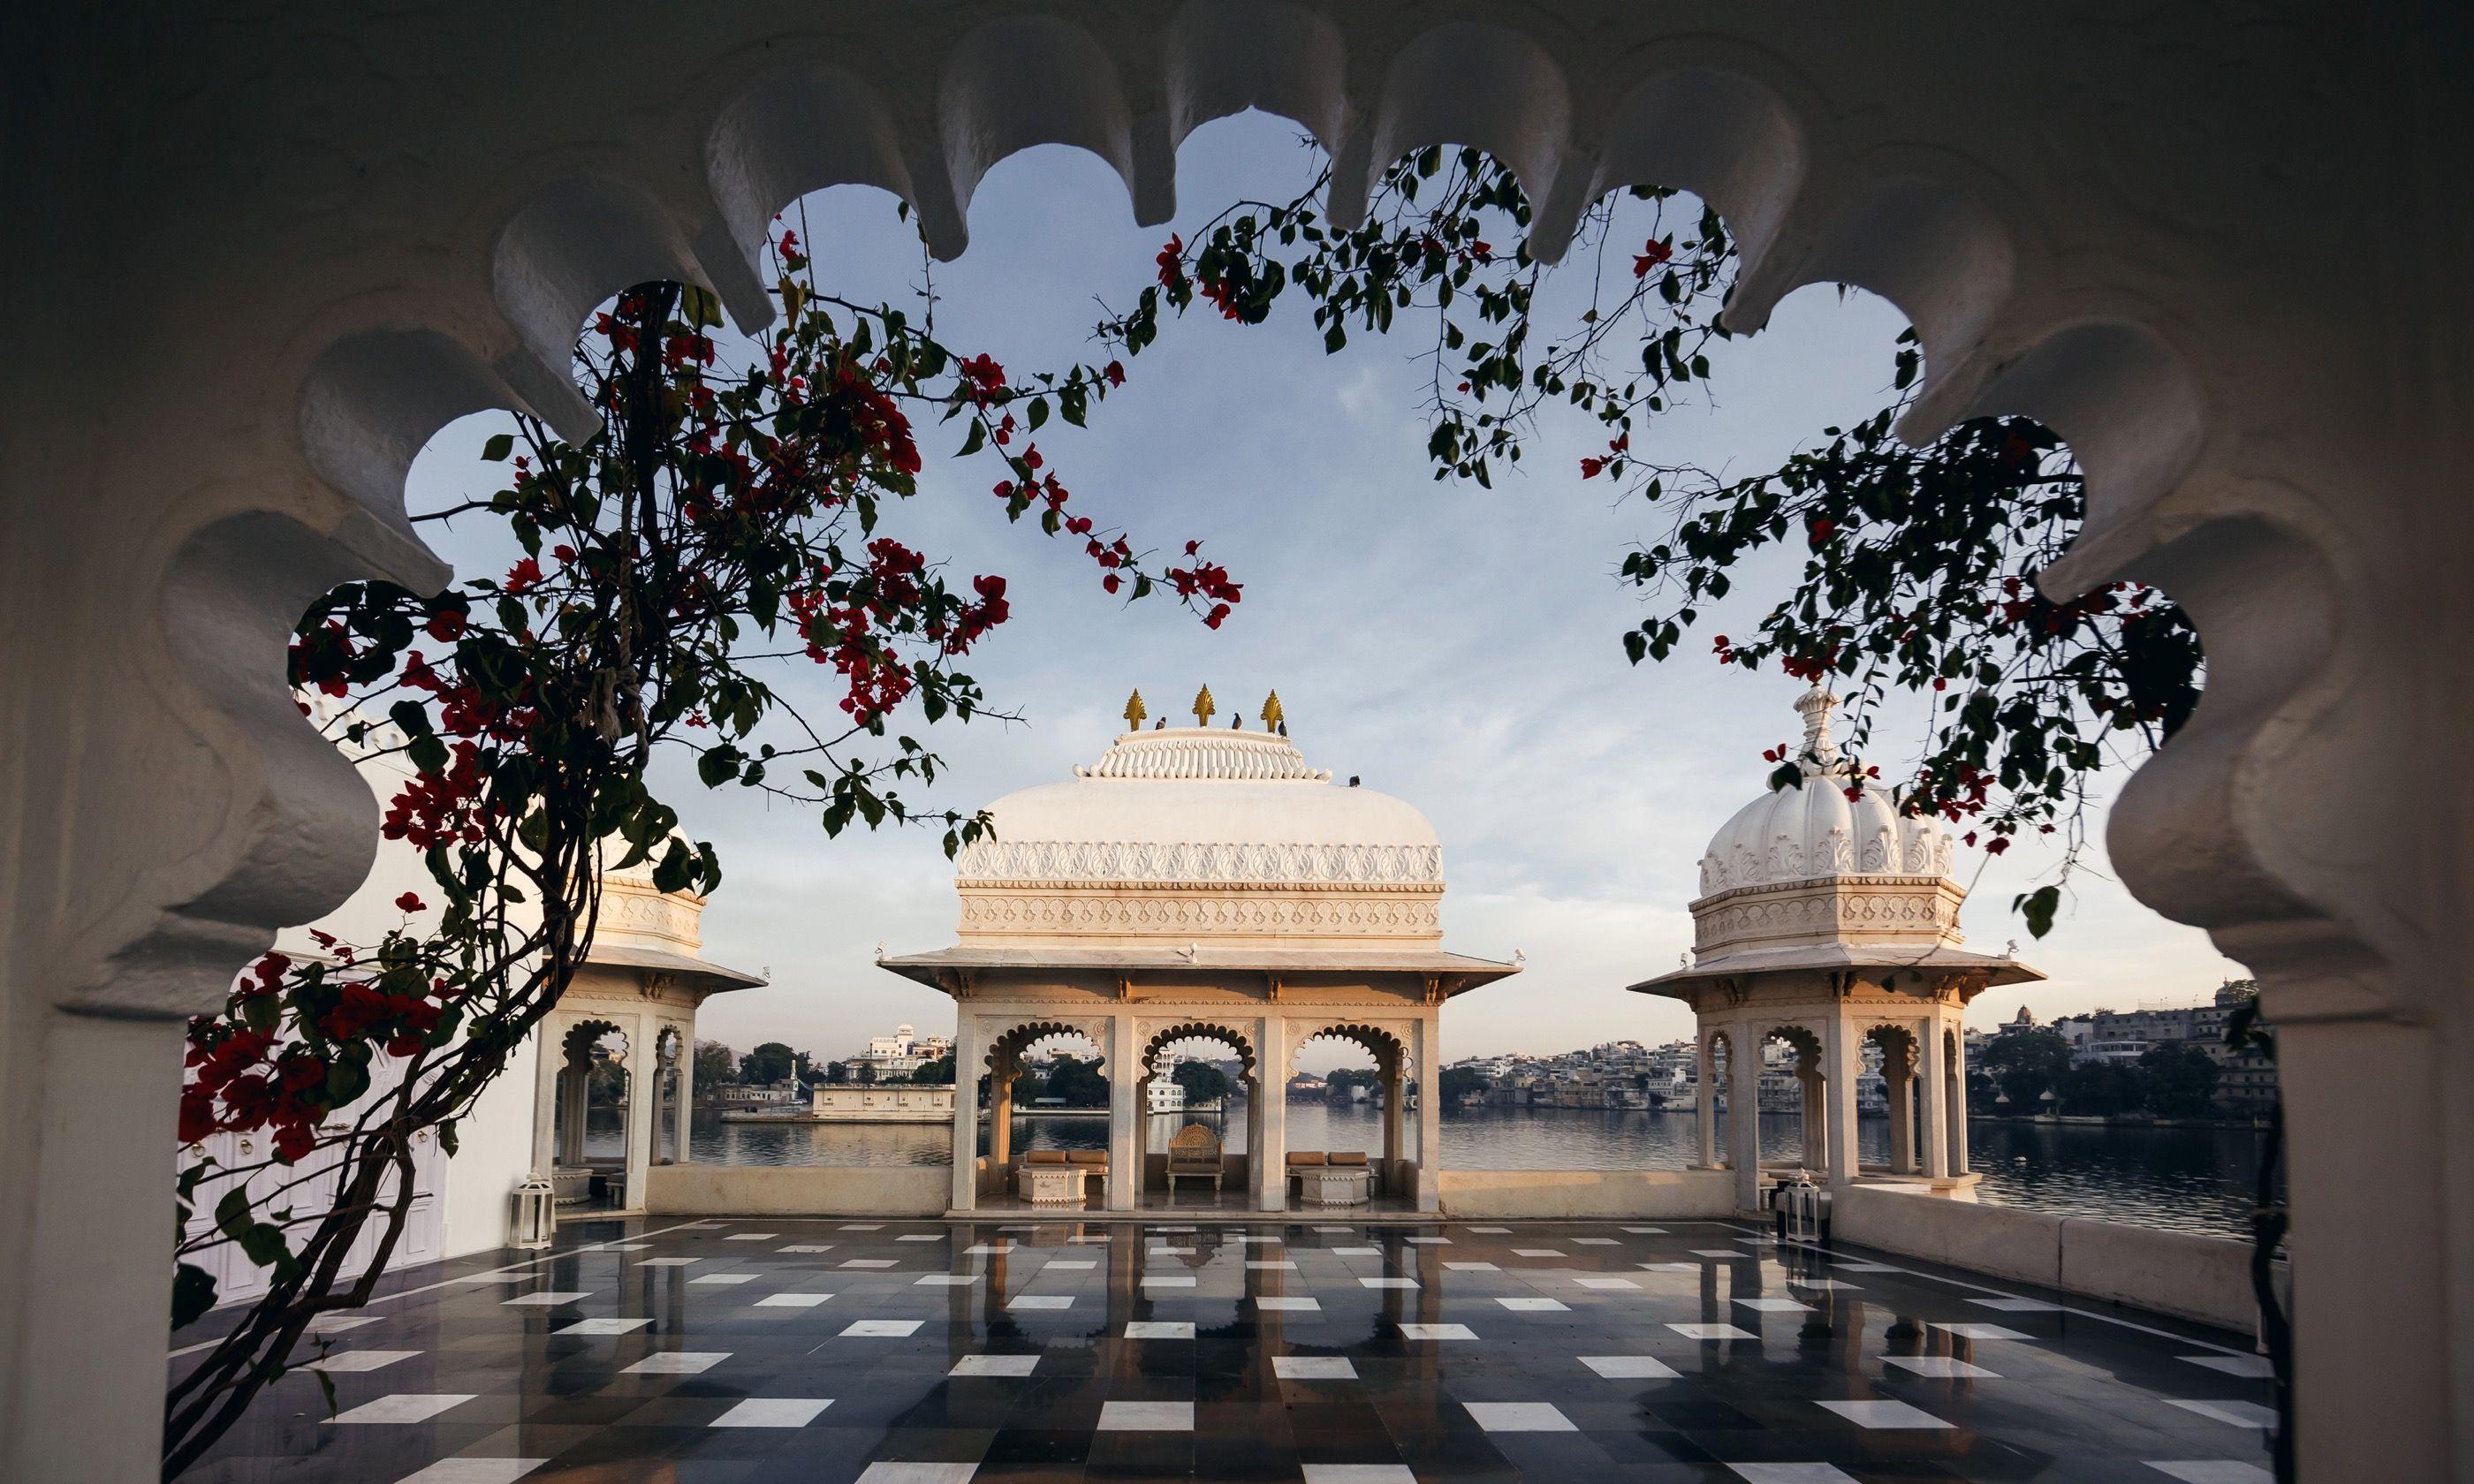 The Taj Lake Palace (Dreamstime)